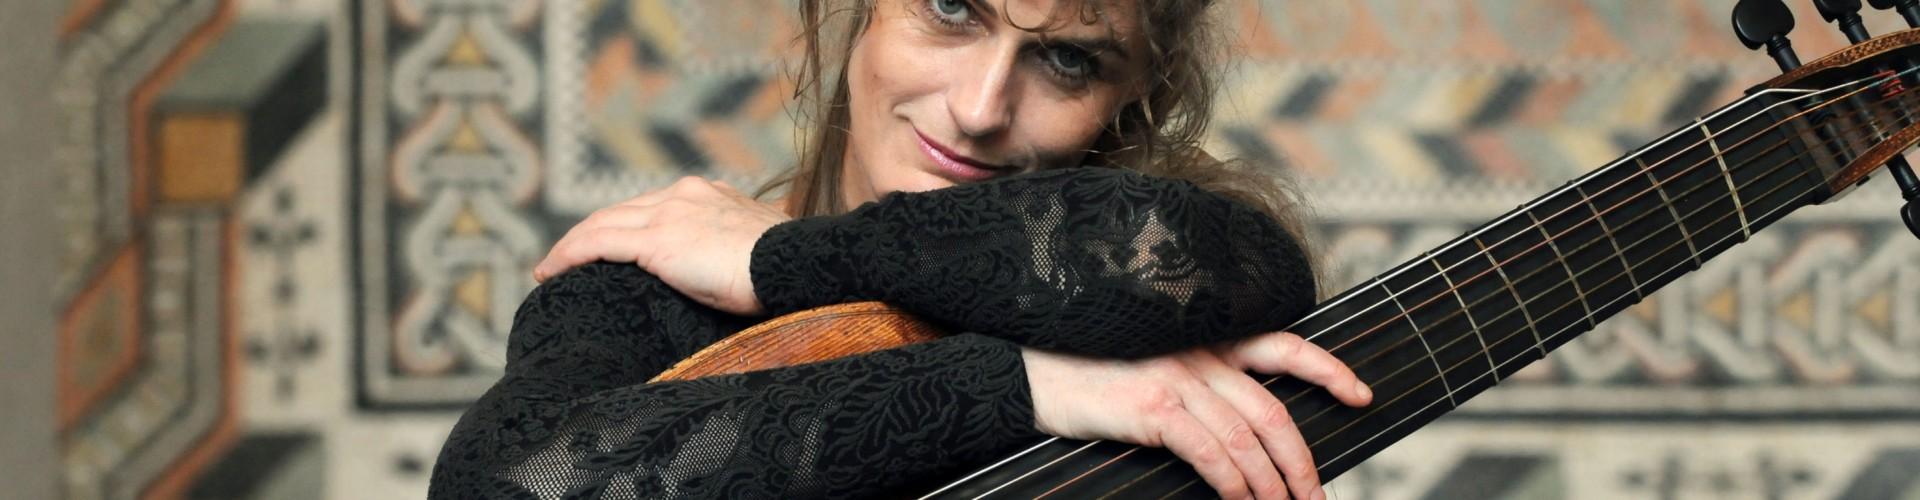 Friederike Heumann © Dorothee Falke